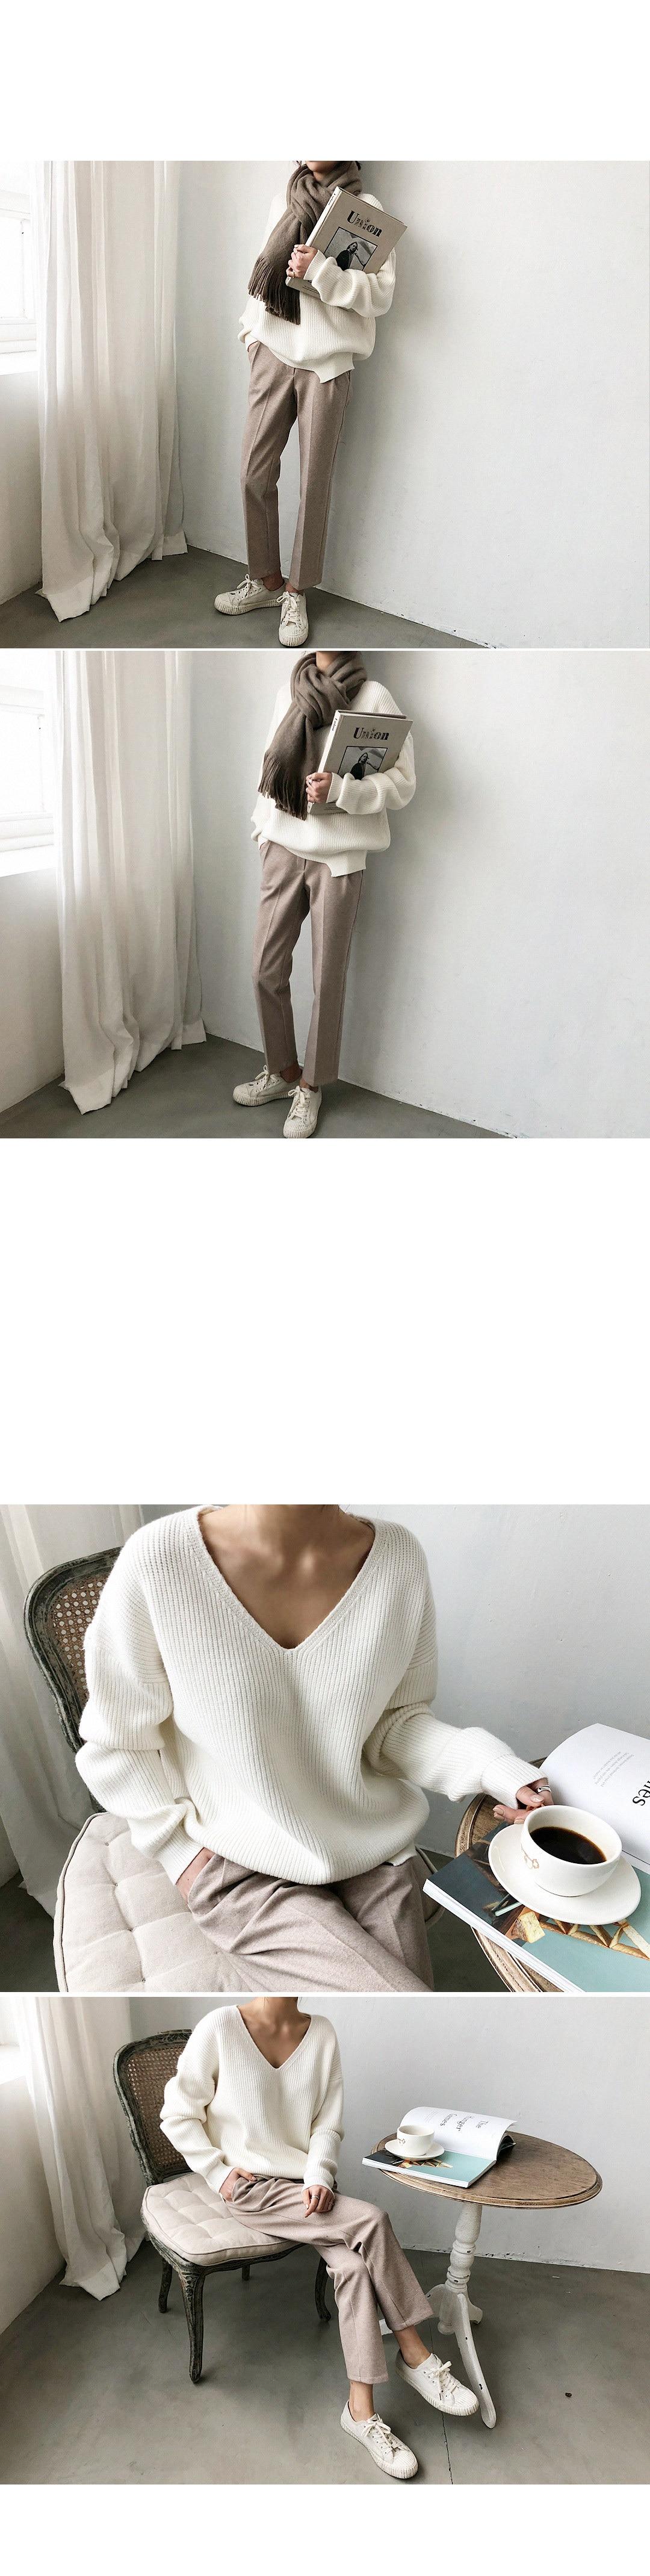 19 Winter Ovreiszed Sweater Women V Neck Black White Sweater Irregular Hen Knitted Tops 9